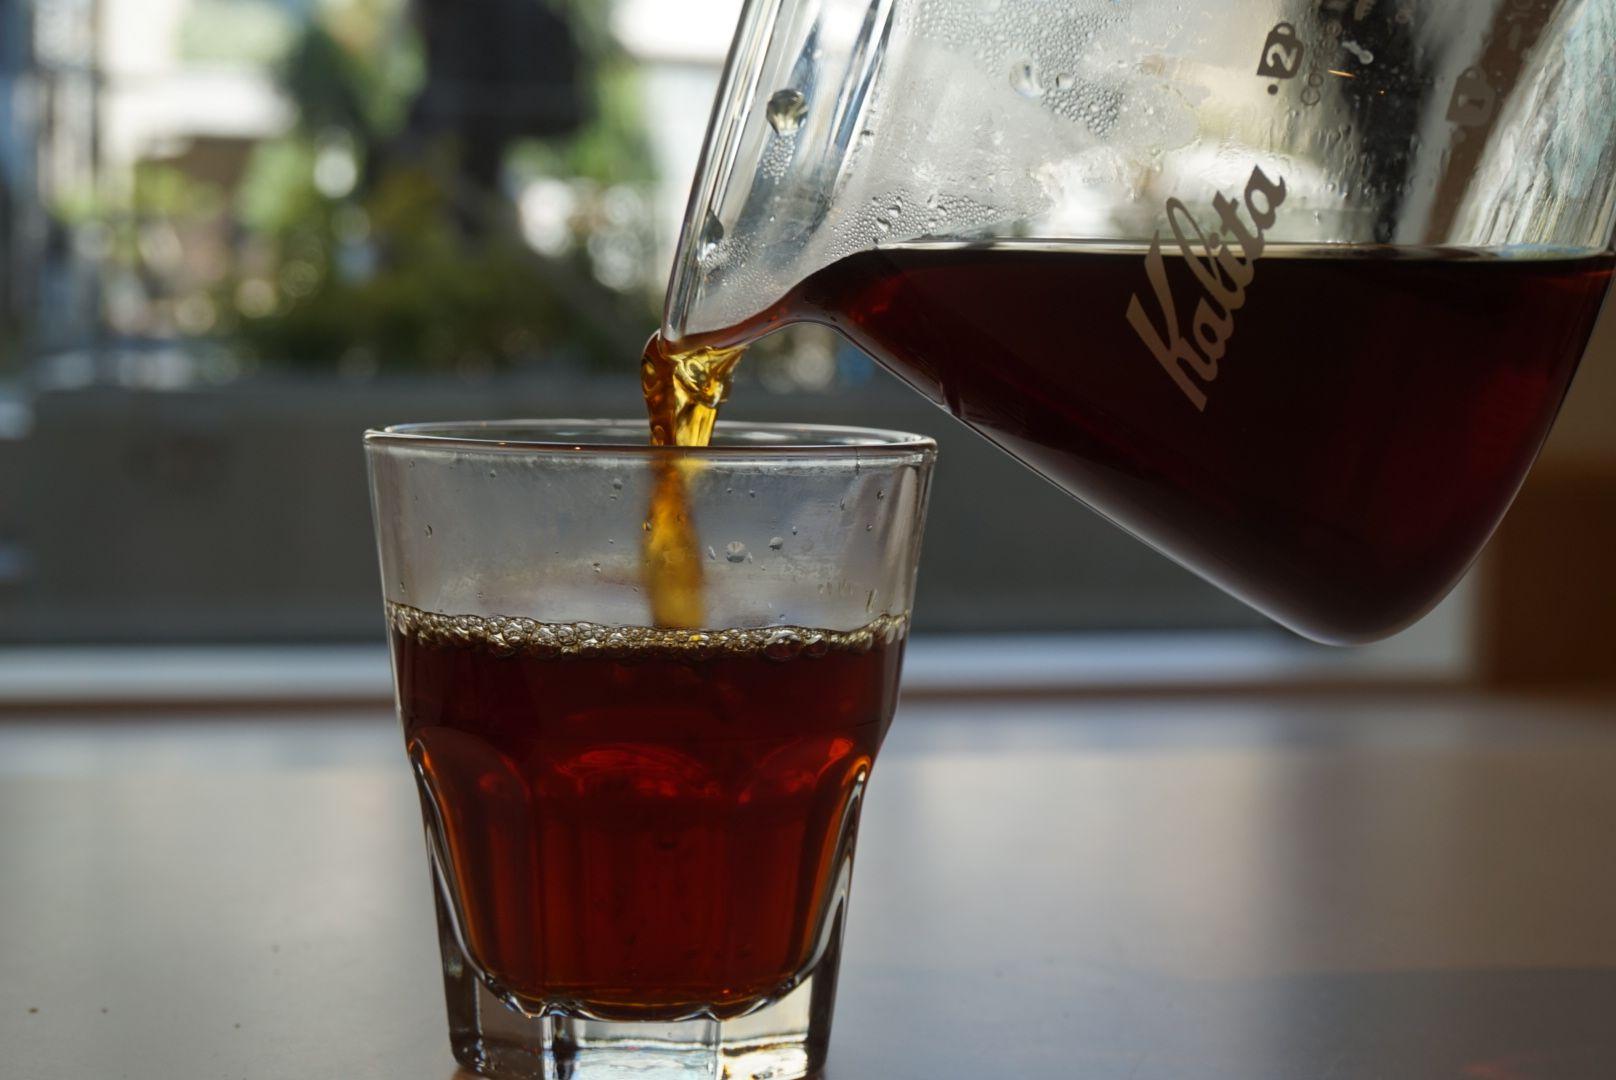 Clarity Clarity とは日本語で透明性を意味する英語です コーヒーは遠く中南米やアフリカで木が育てられ 果実になり 焙煎され 非常に多くの人びとの手を経てカップへと注がれます Pnb Coffeeで取り扱うコーヒー豆は農園と直接ダイレクトトレードを行い 常に生産